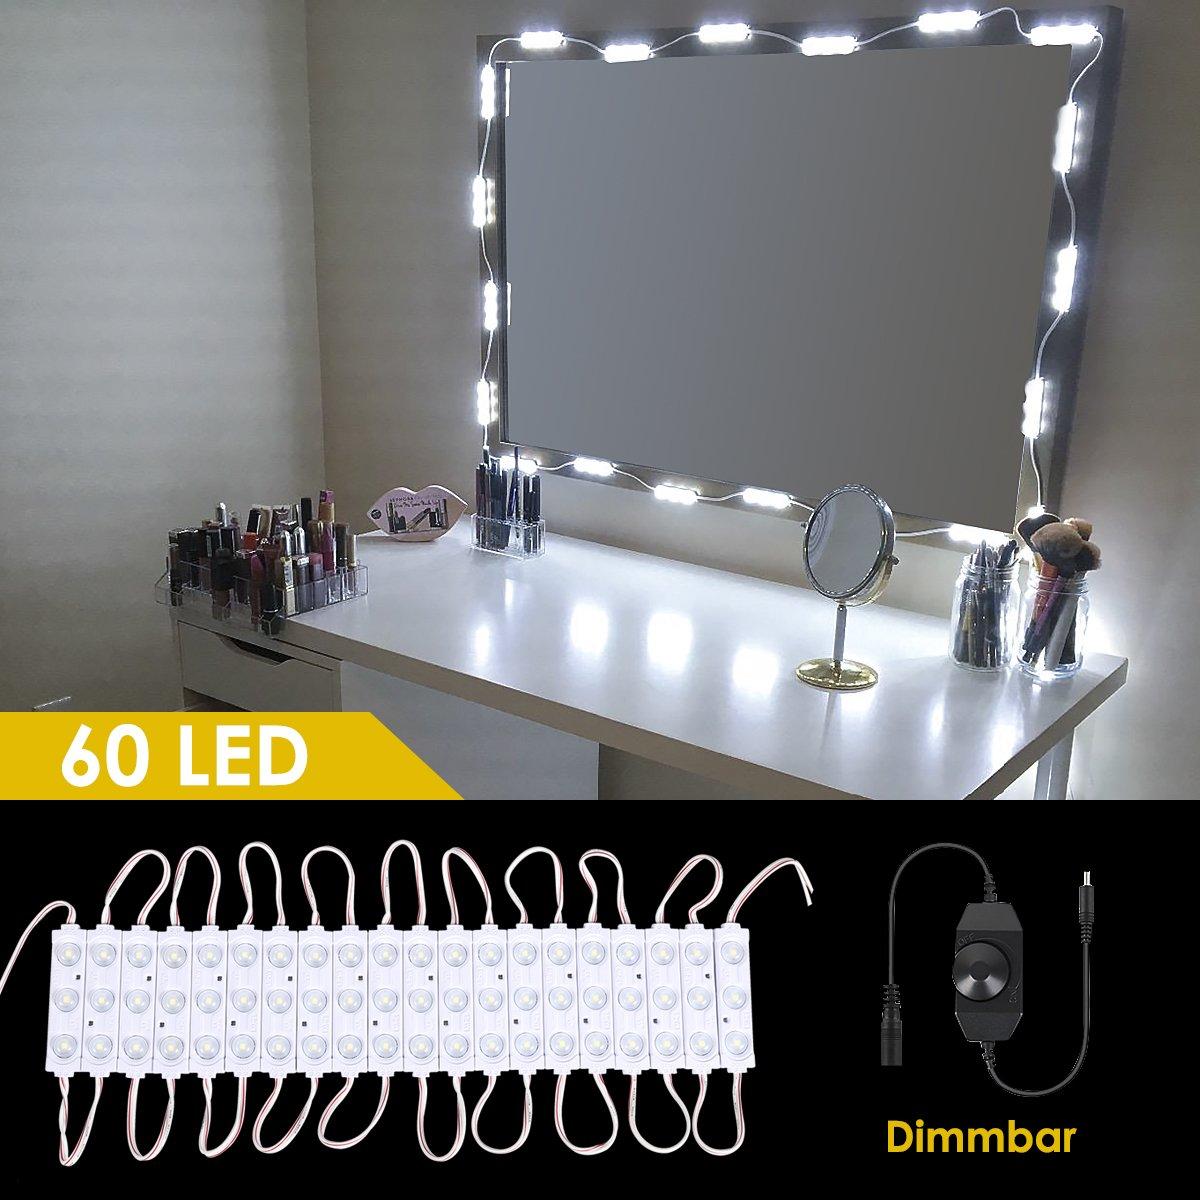 B-right LED Spiegelleuchte dimmbare Spiegellampe, Schminkleuchte ...